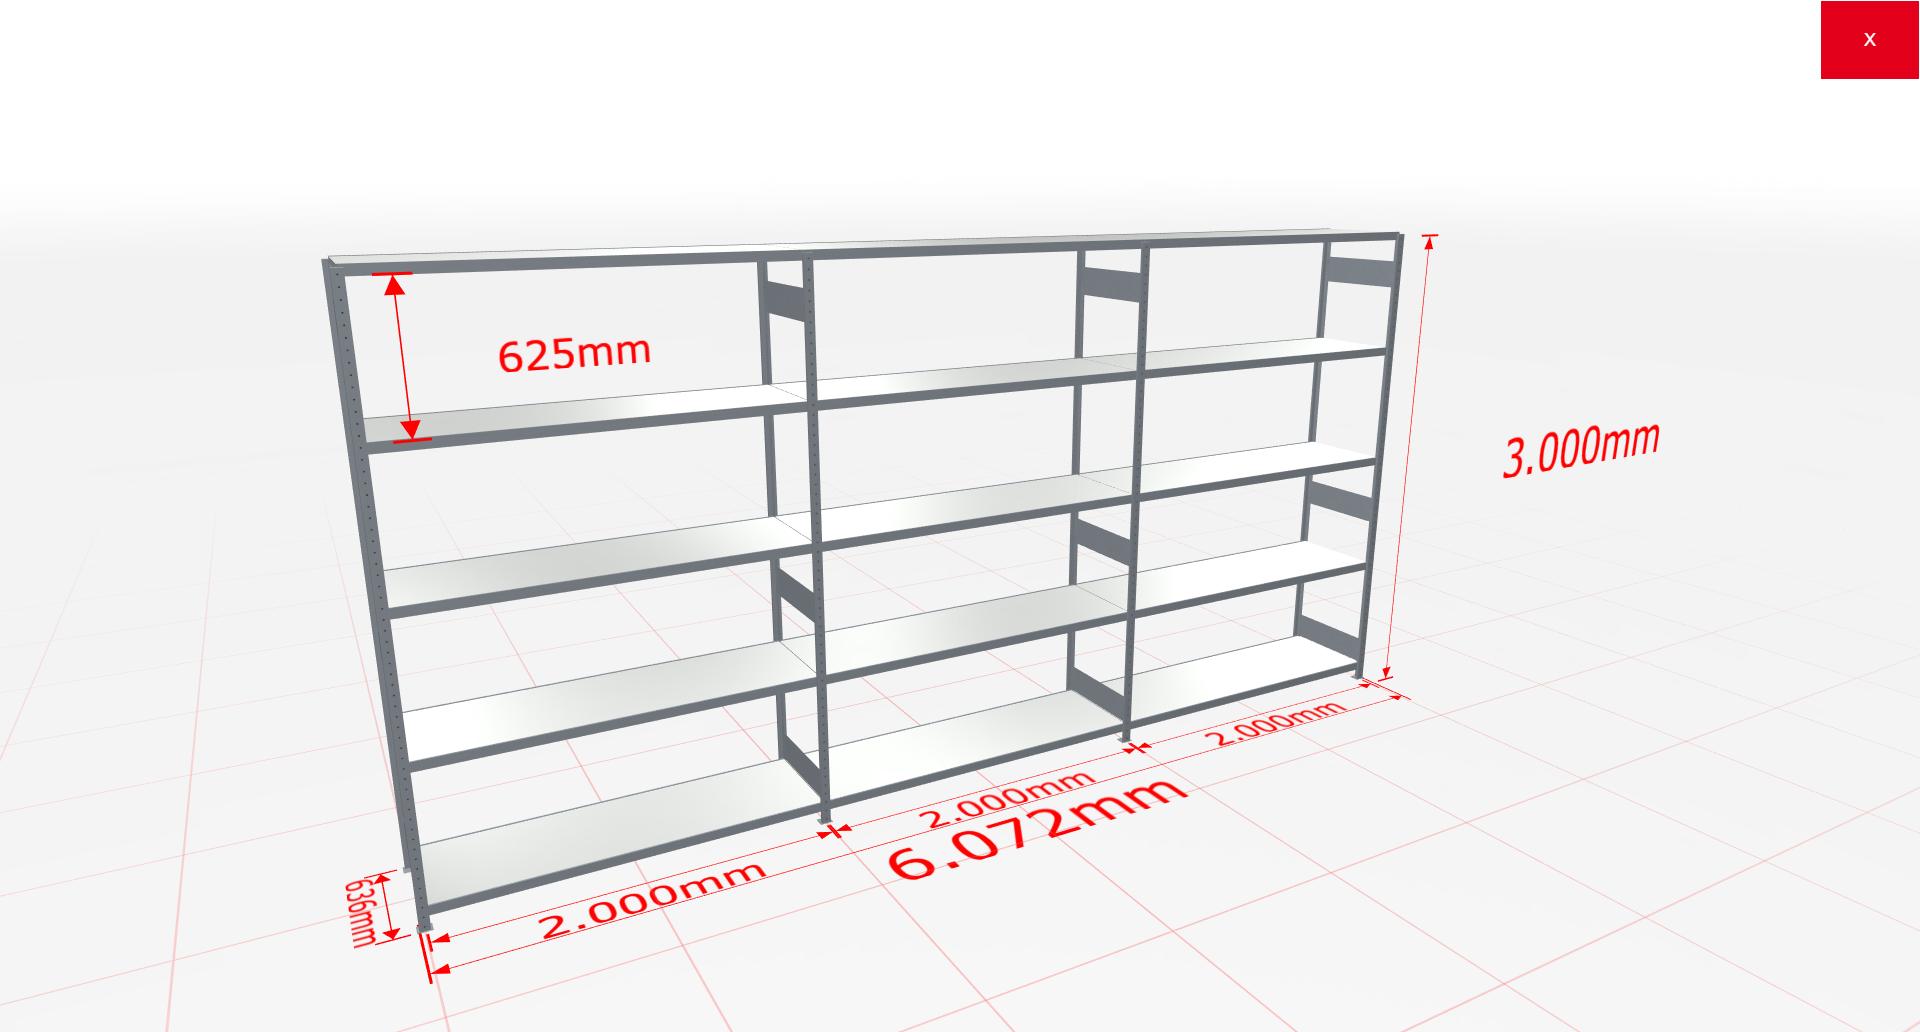 Weitspannregal Komplettregal 3000x6072x600 mm (HxBxT) SCHULTE Lagertechnik verzinkt mit Stahlböden